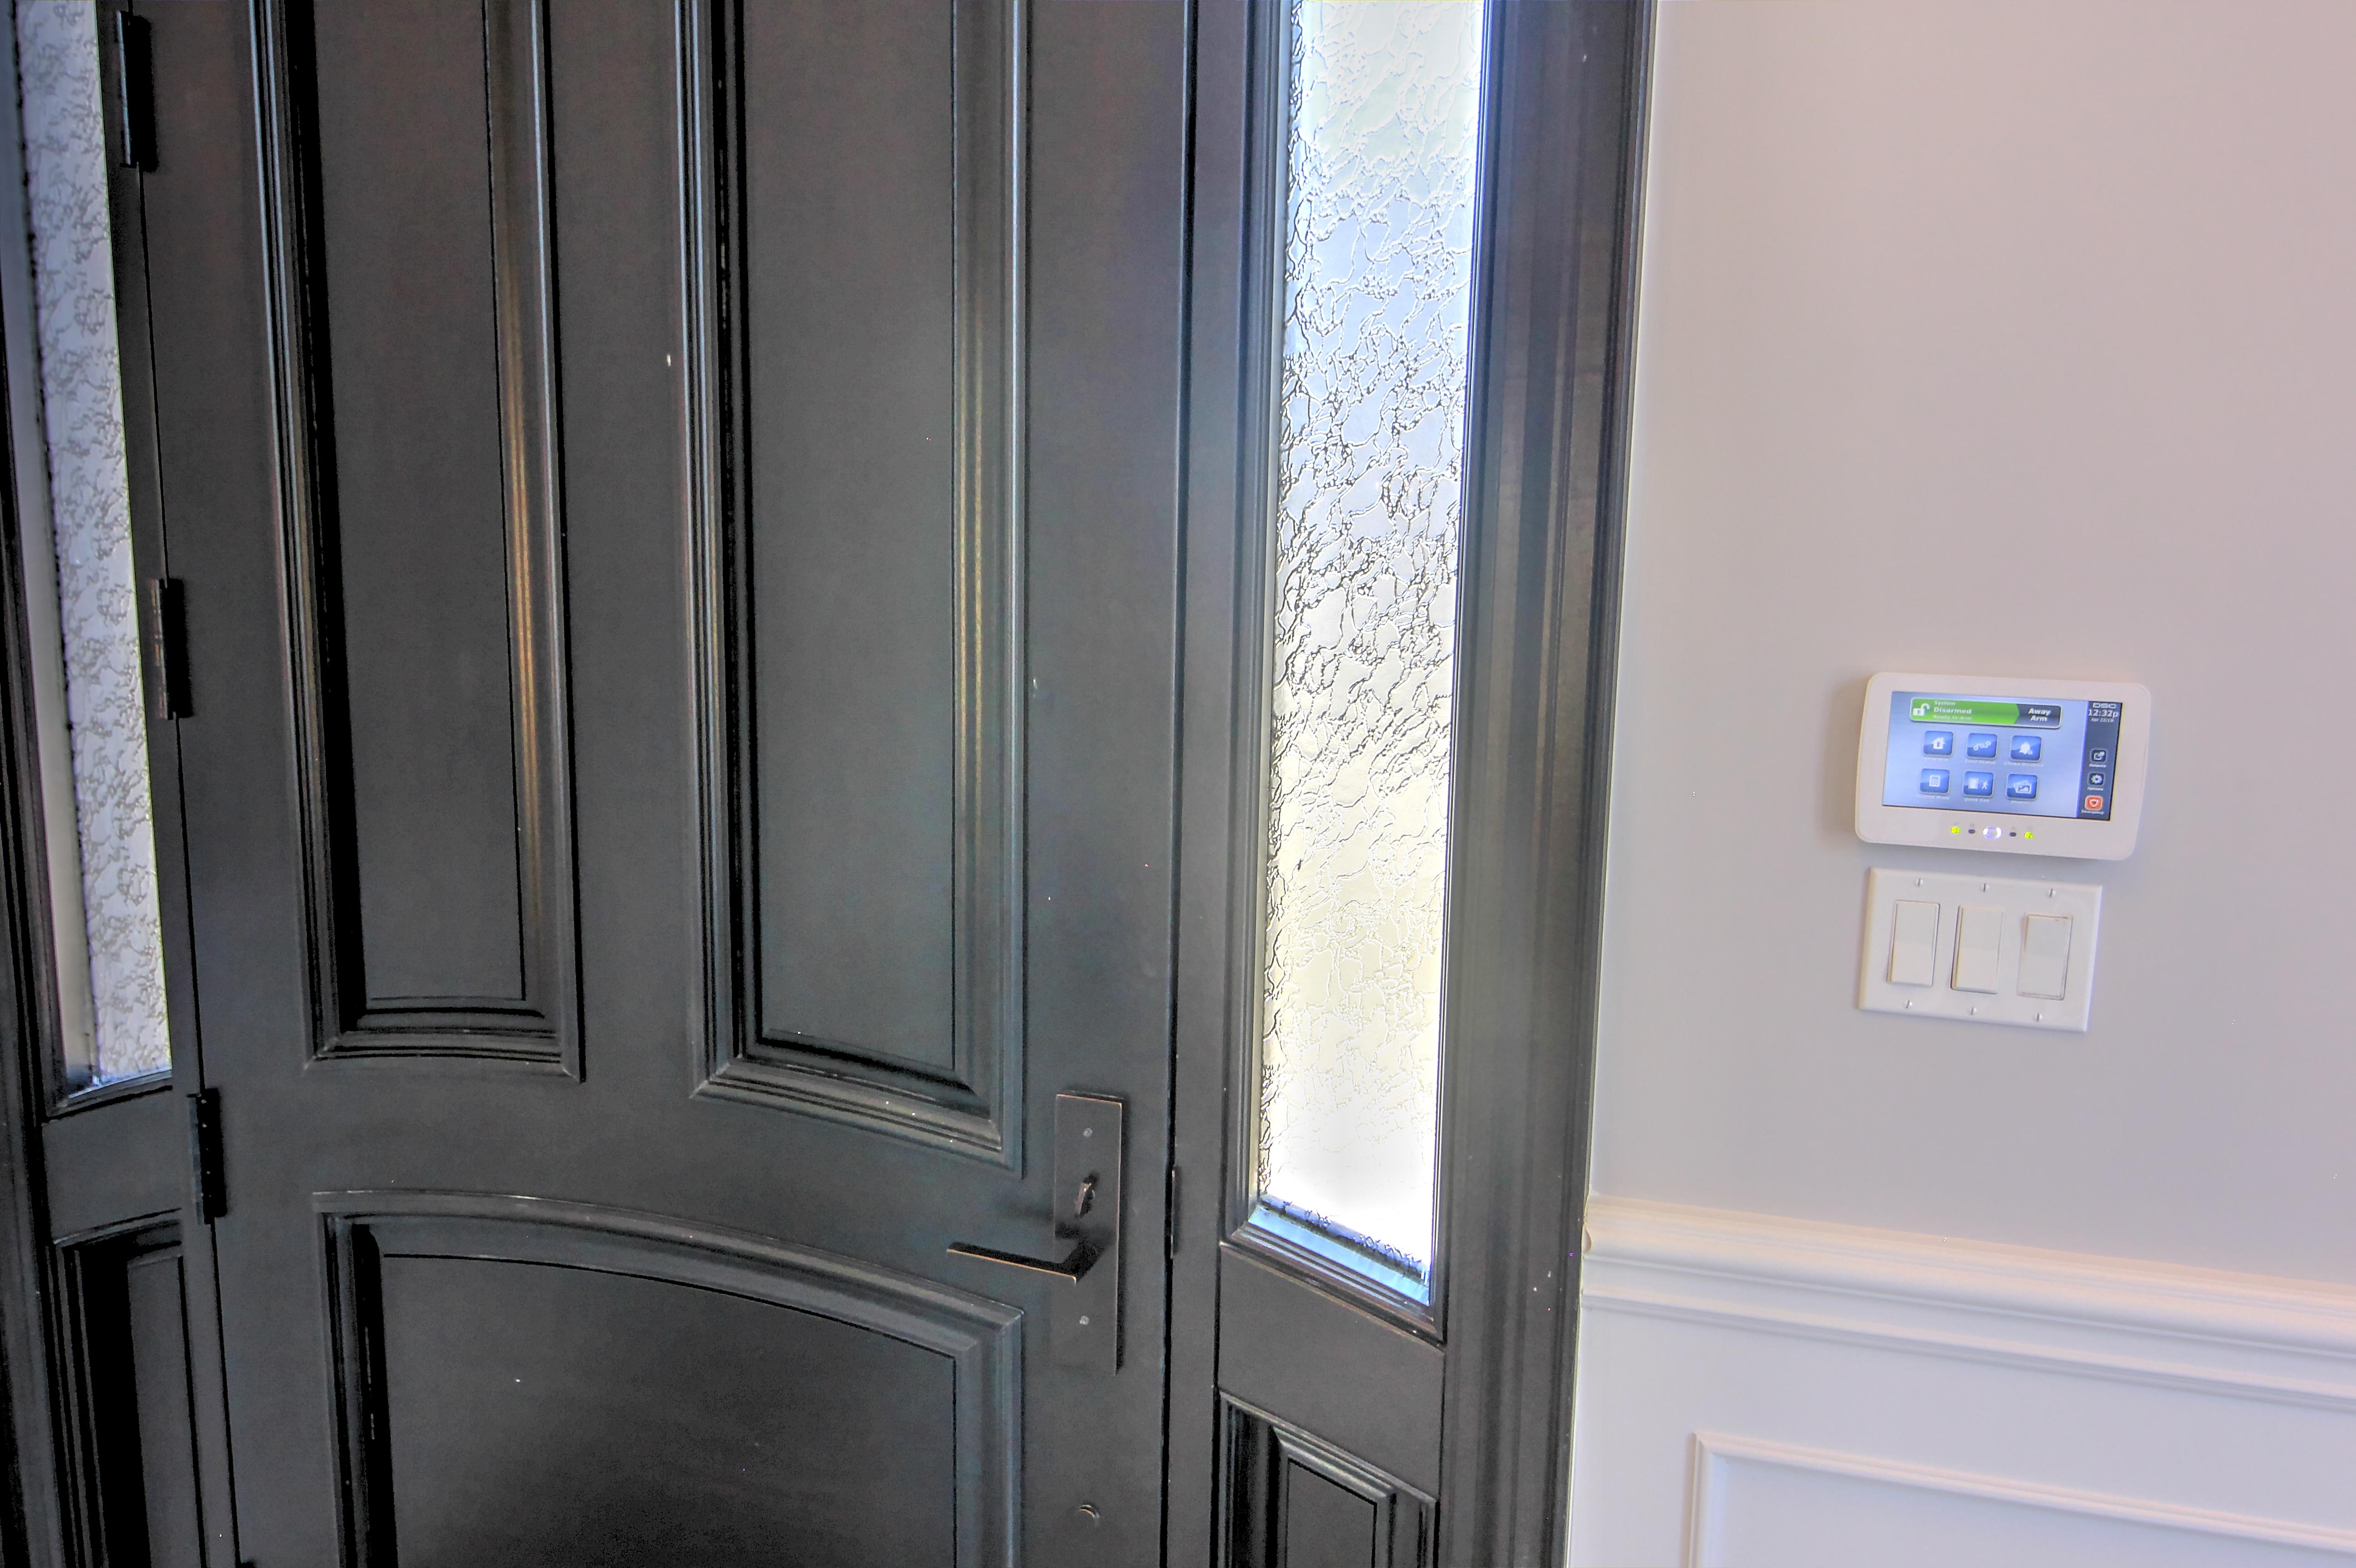 Alarm Pad at Front door